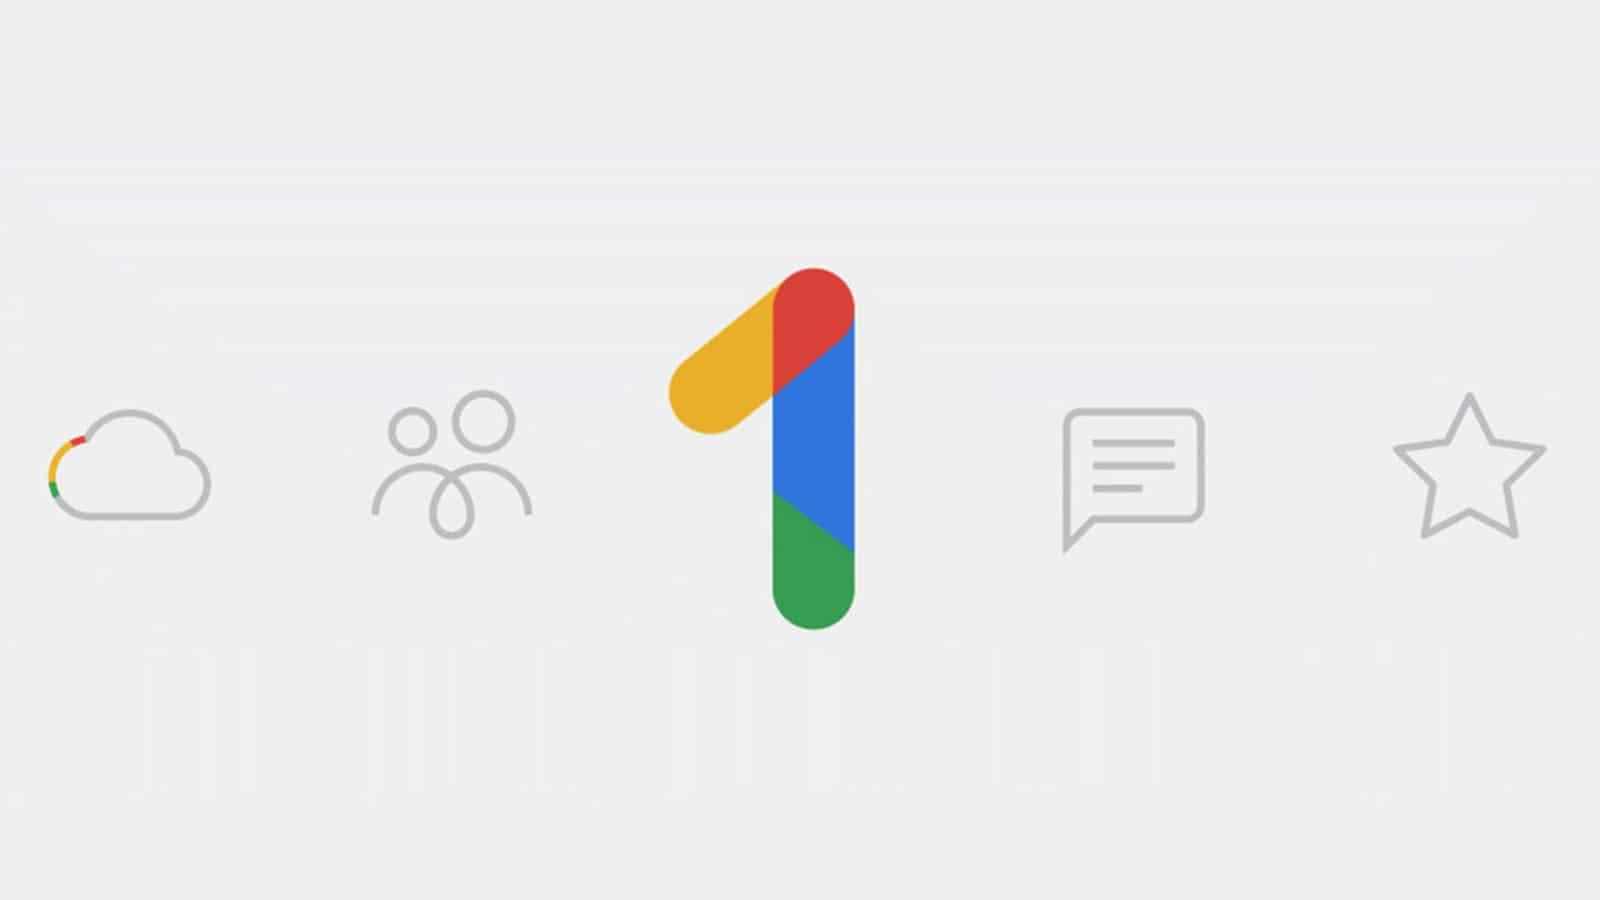 google one logo icons